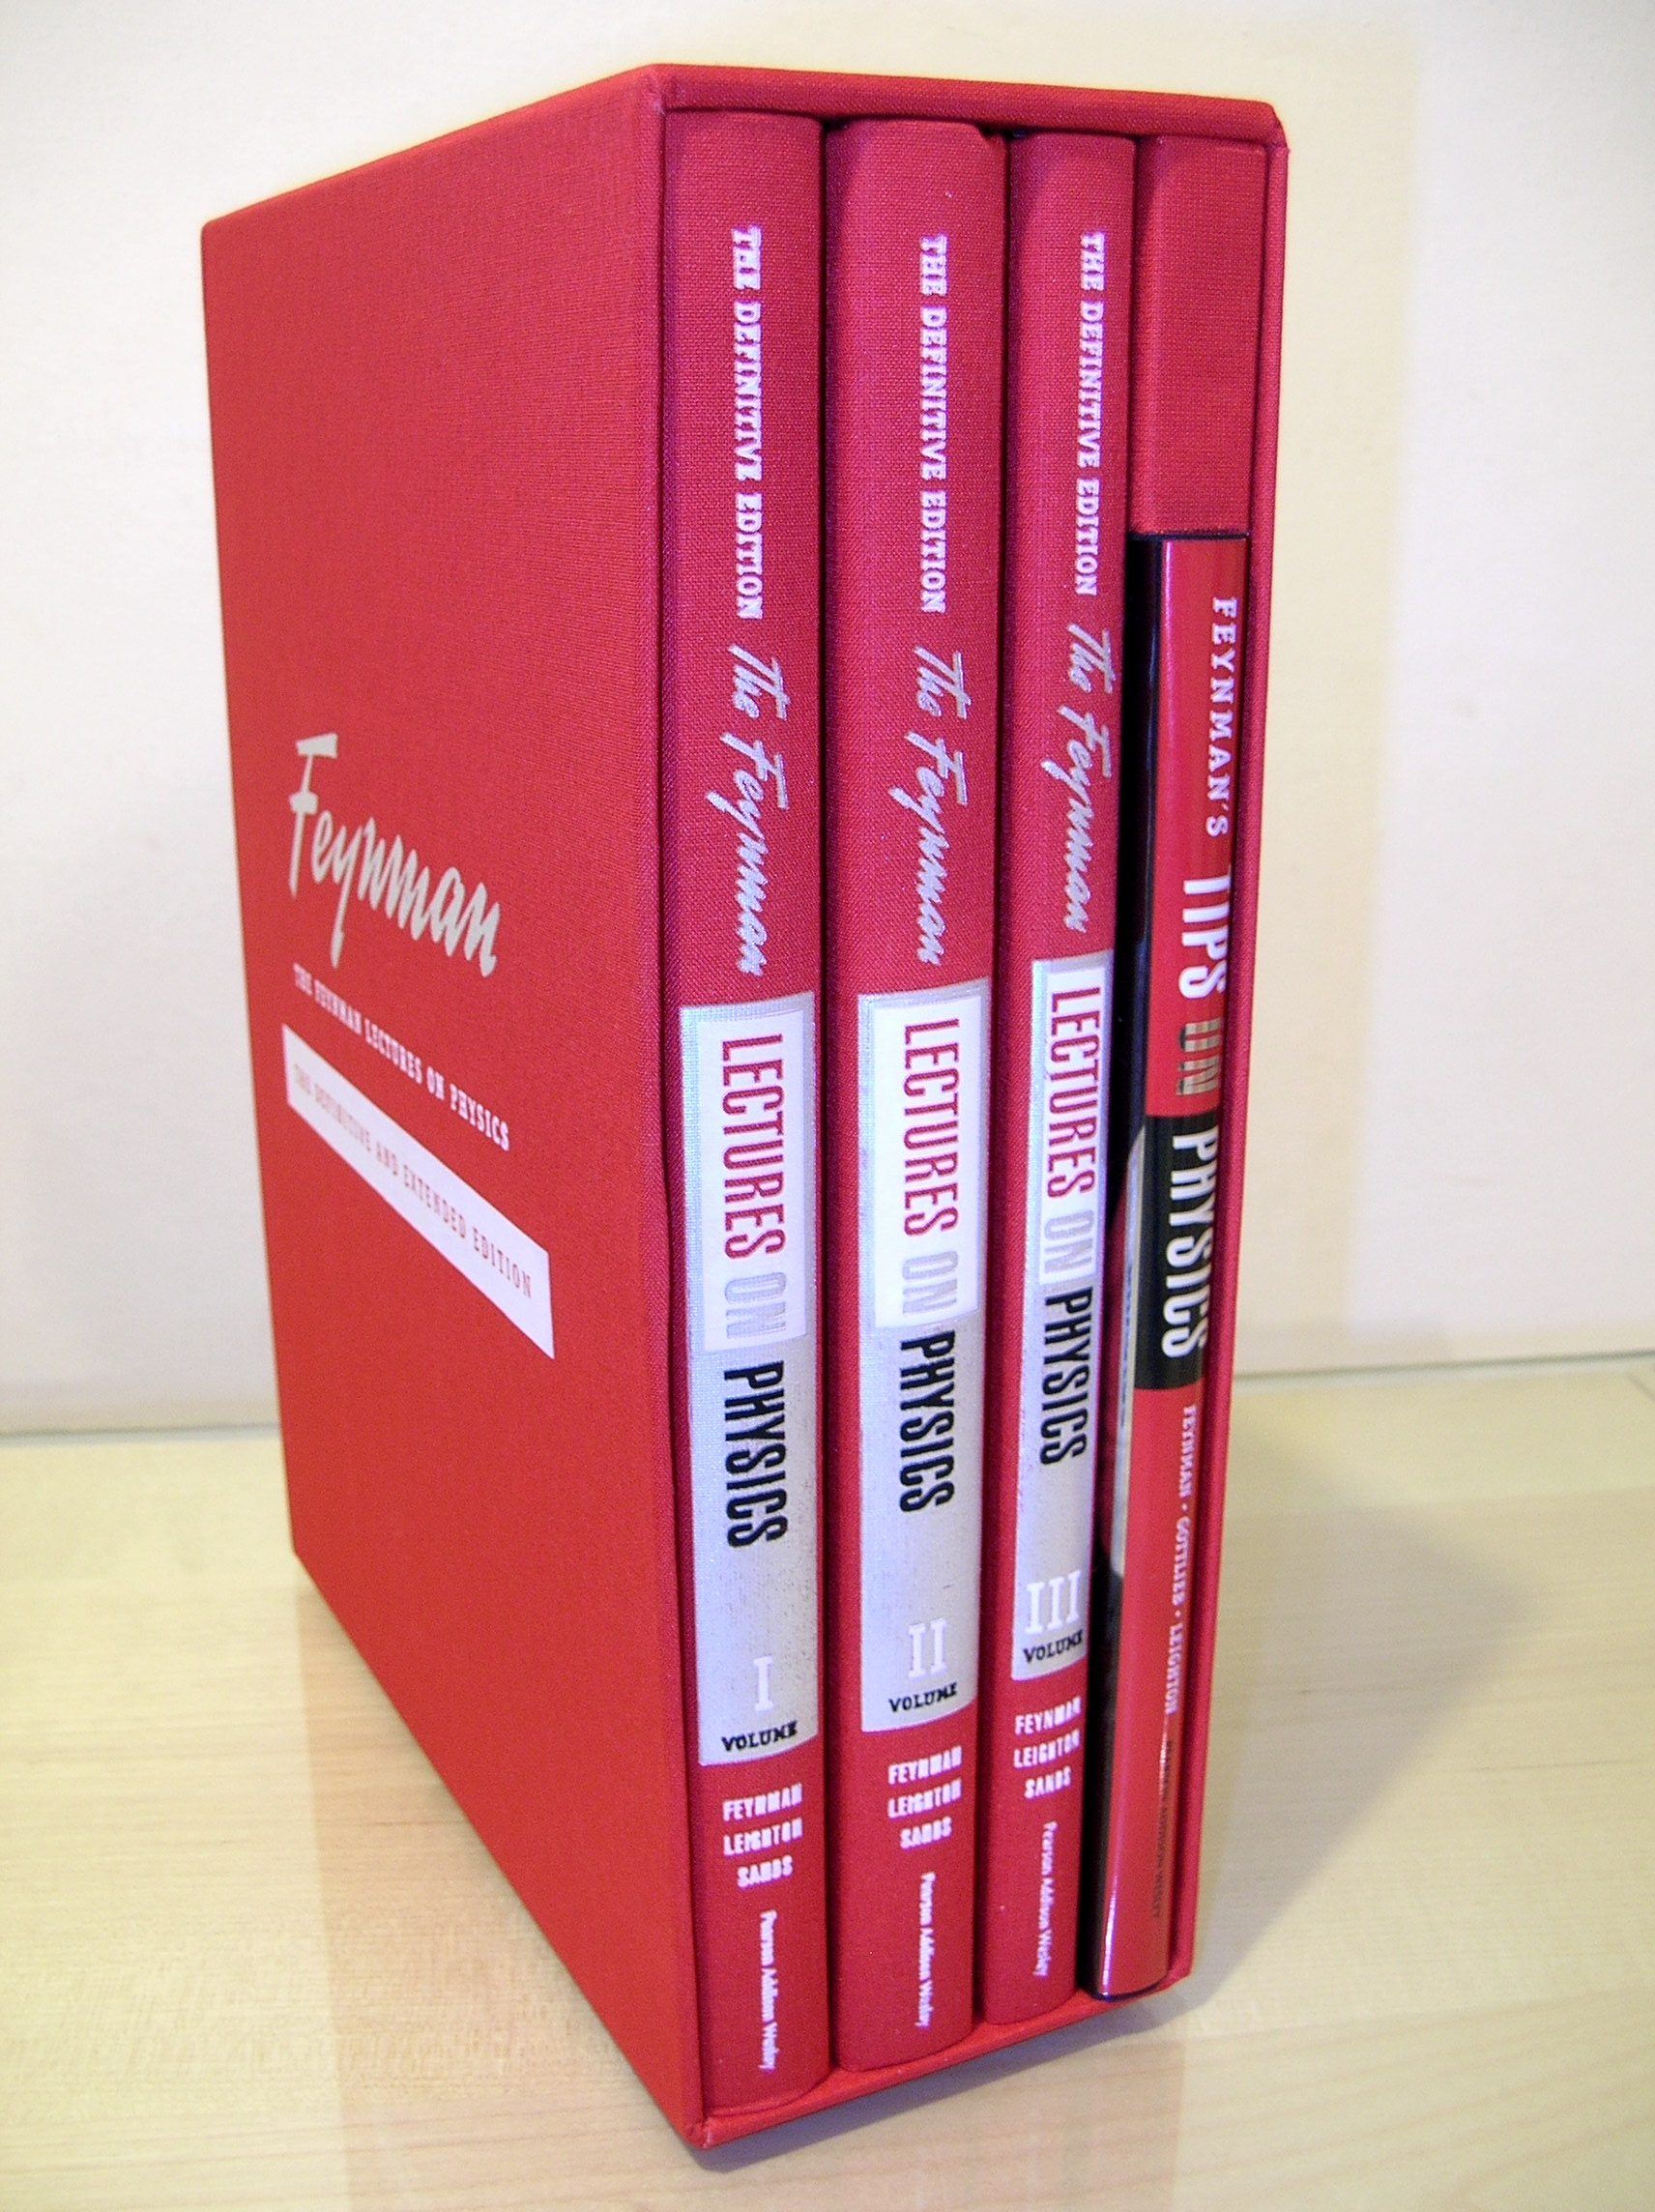 (그림 2) 파인만 강의록 (The Feynman Lectures on Physics). 파인만의 빨간책(The Red Book of Feynman)으로도 불리지요. 불후의 명강의 입니다.